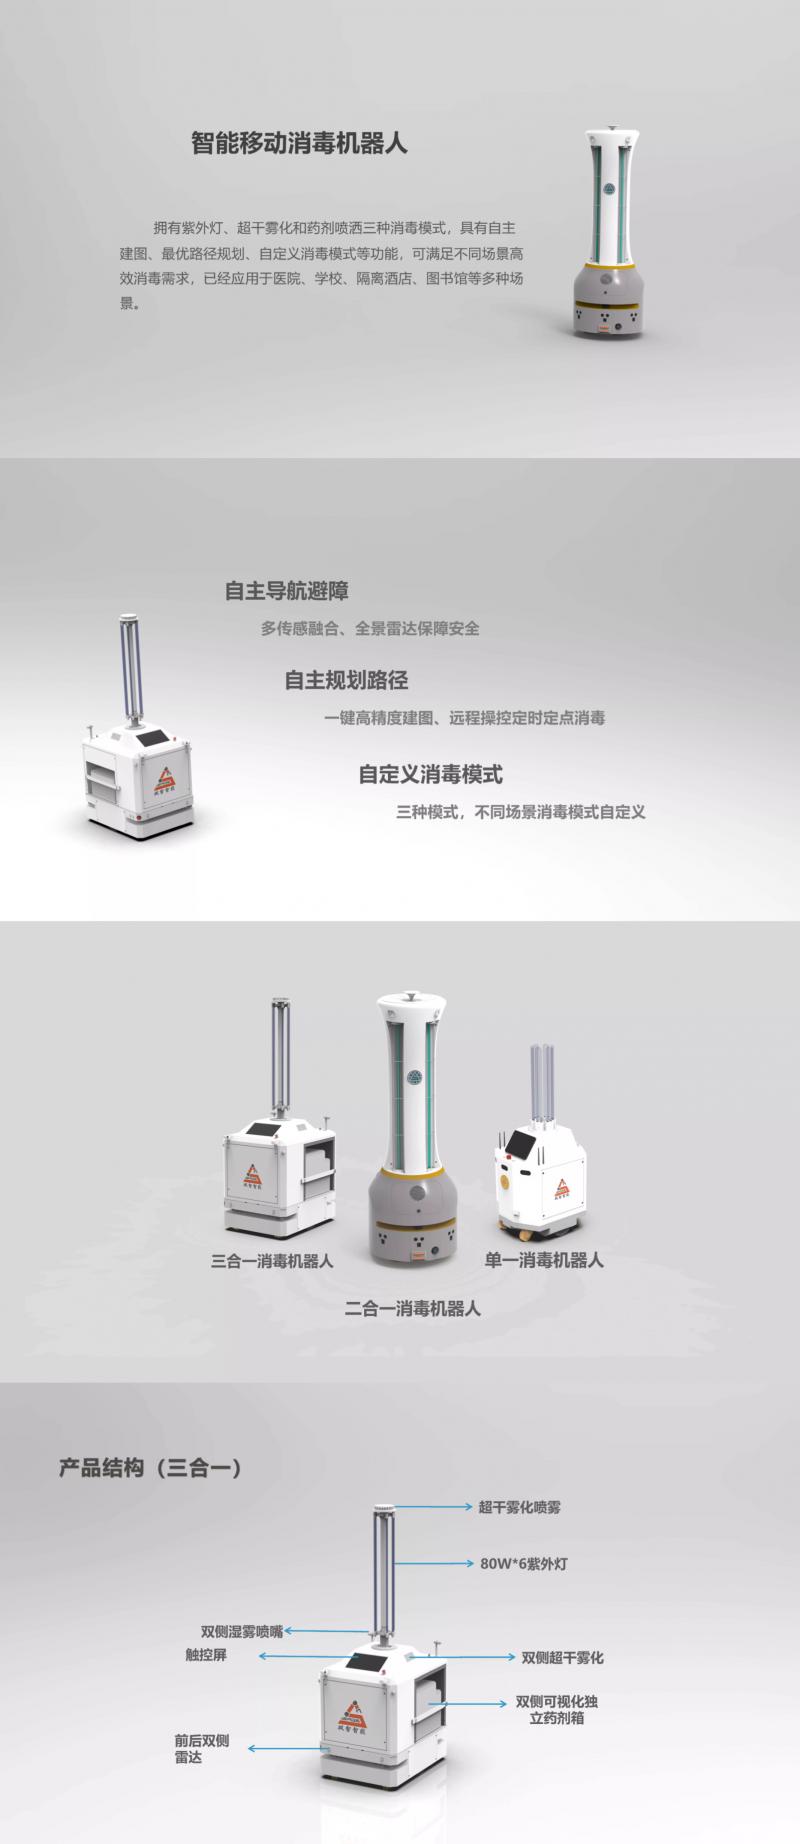 消毒机器人